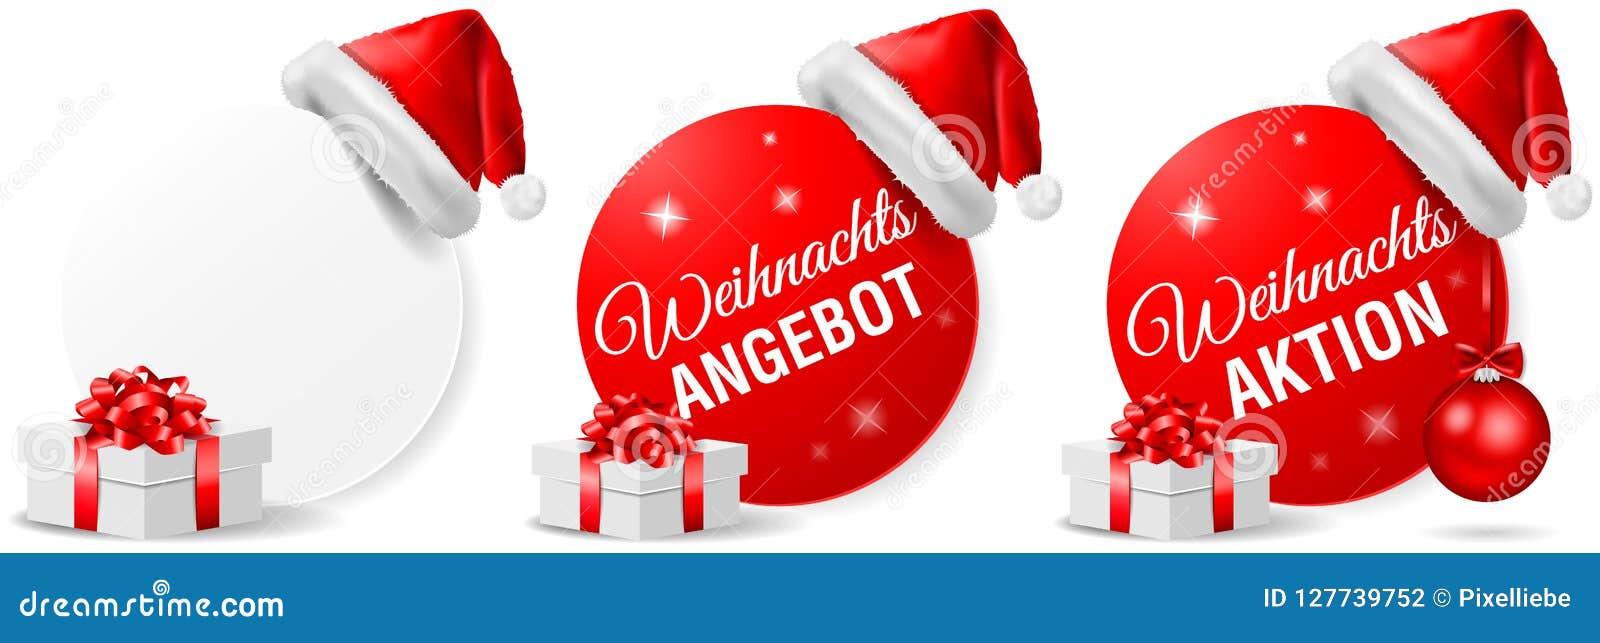 Insieme di vettore isolato bottone di azione di offerta di Natale di Weihnachts Angebot Aktion